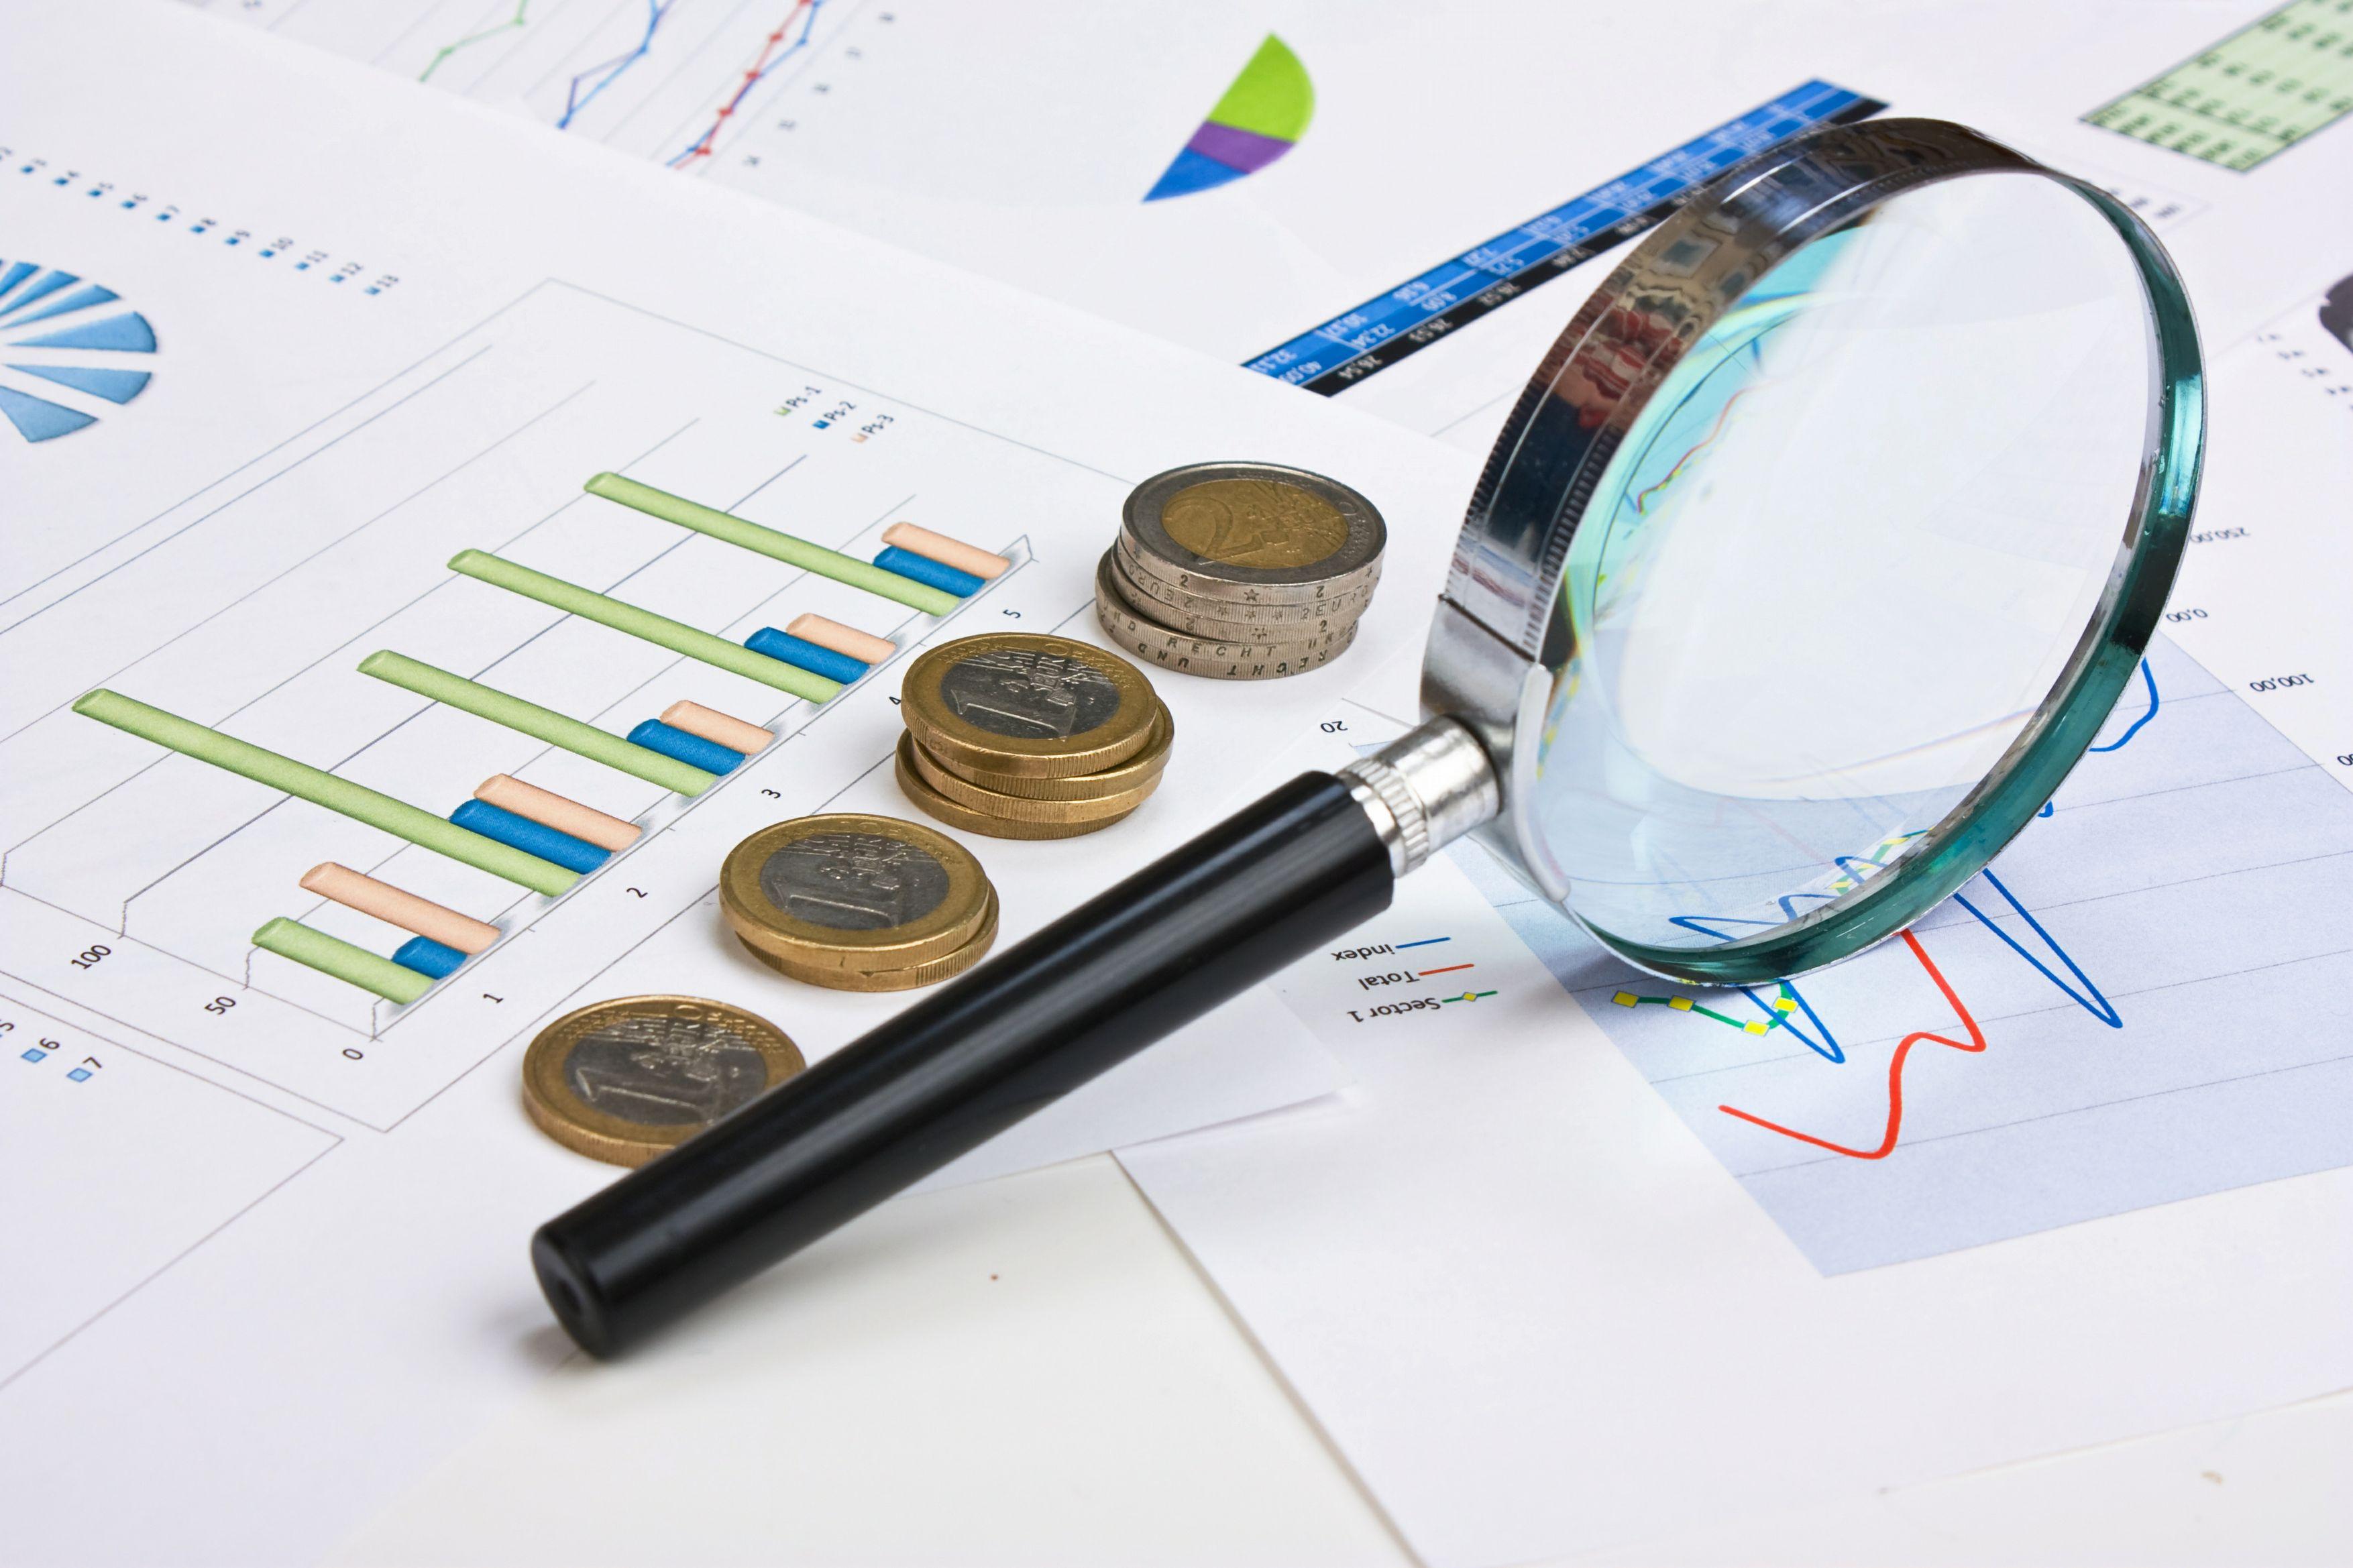 3月美国就业数据点评:确认美经济或处放缓初期,暂无衰退风险